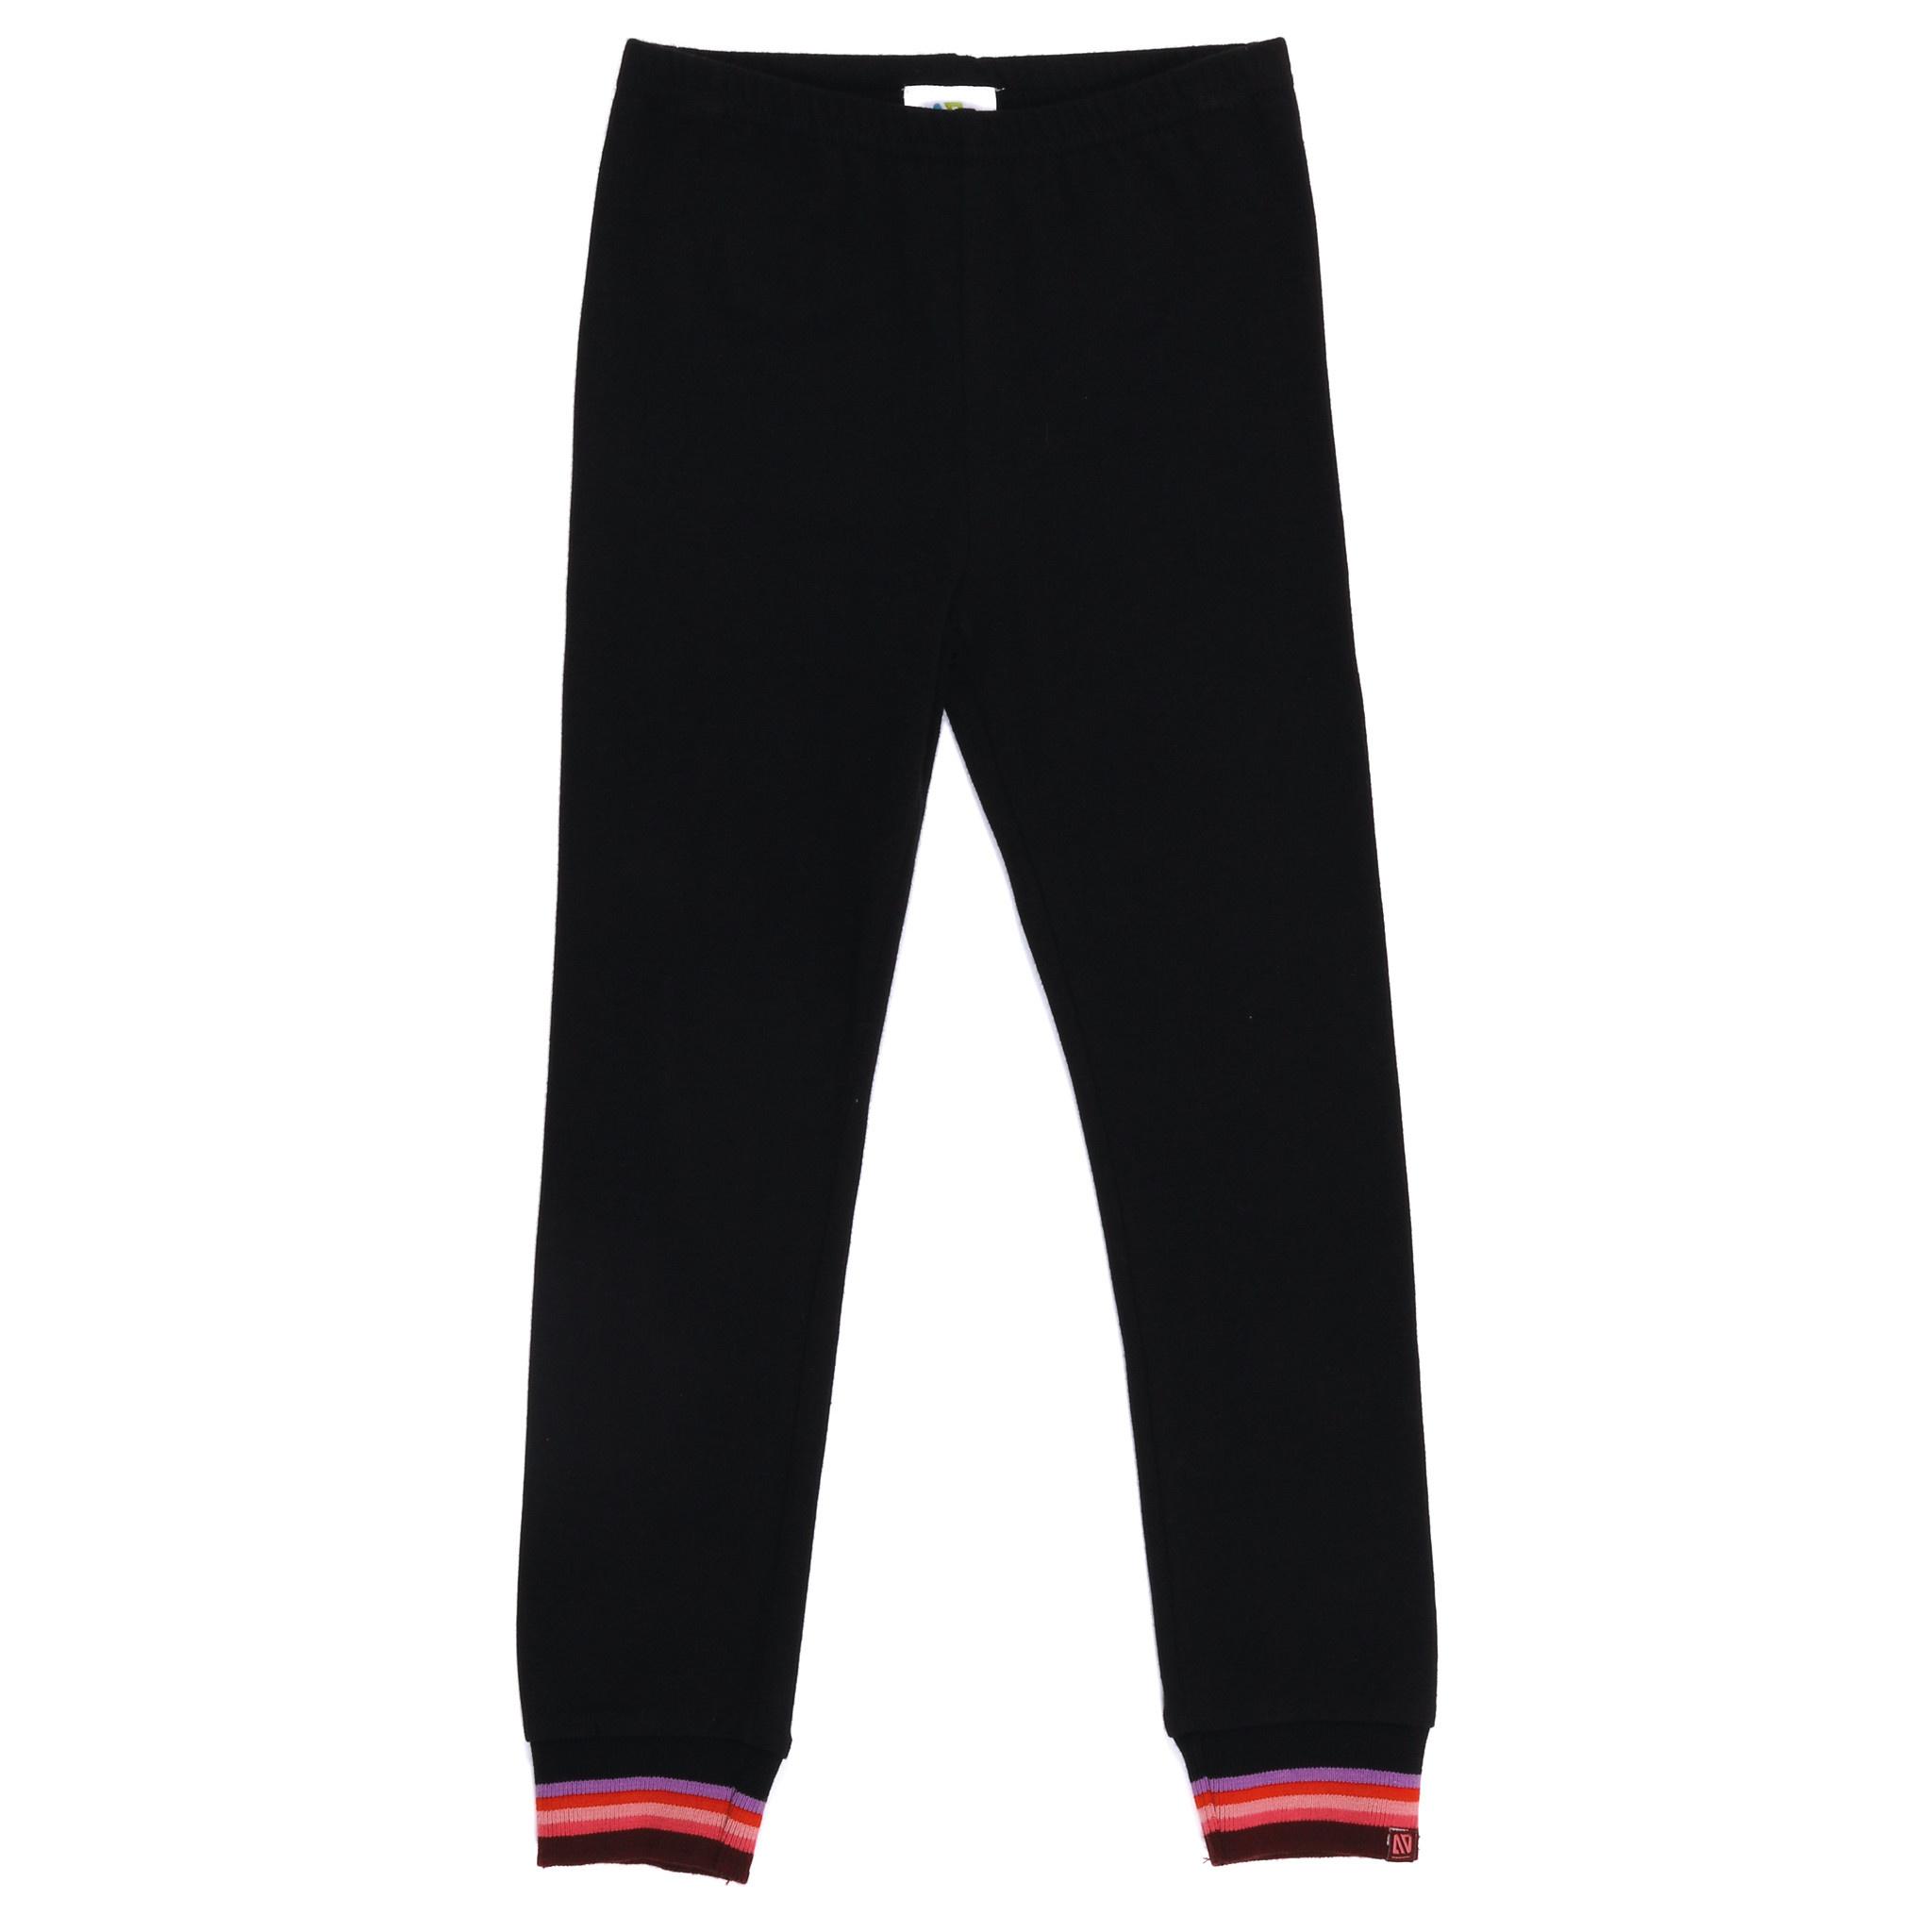 Legging Noir - Flash Retro-4